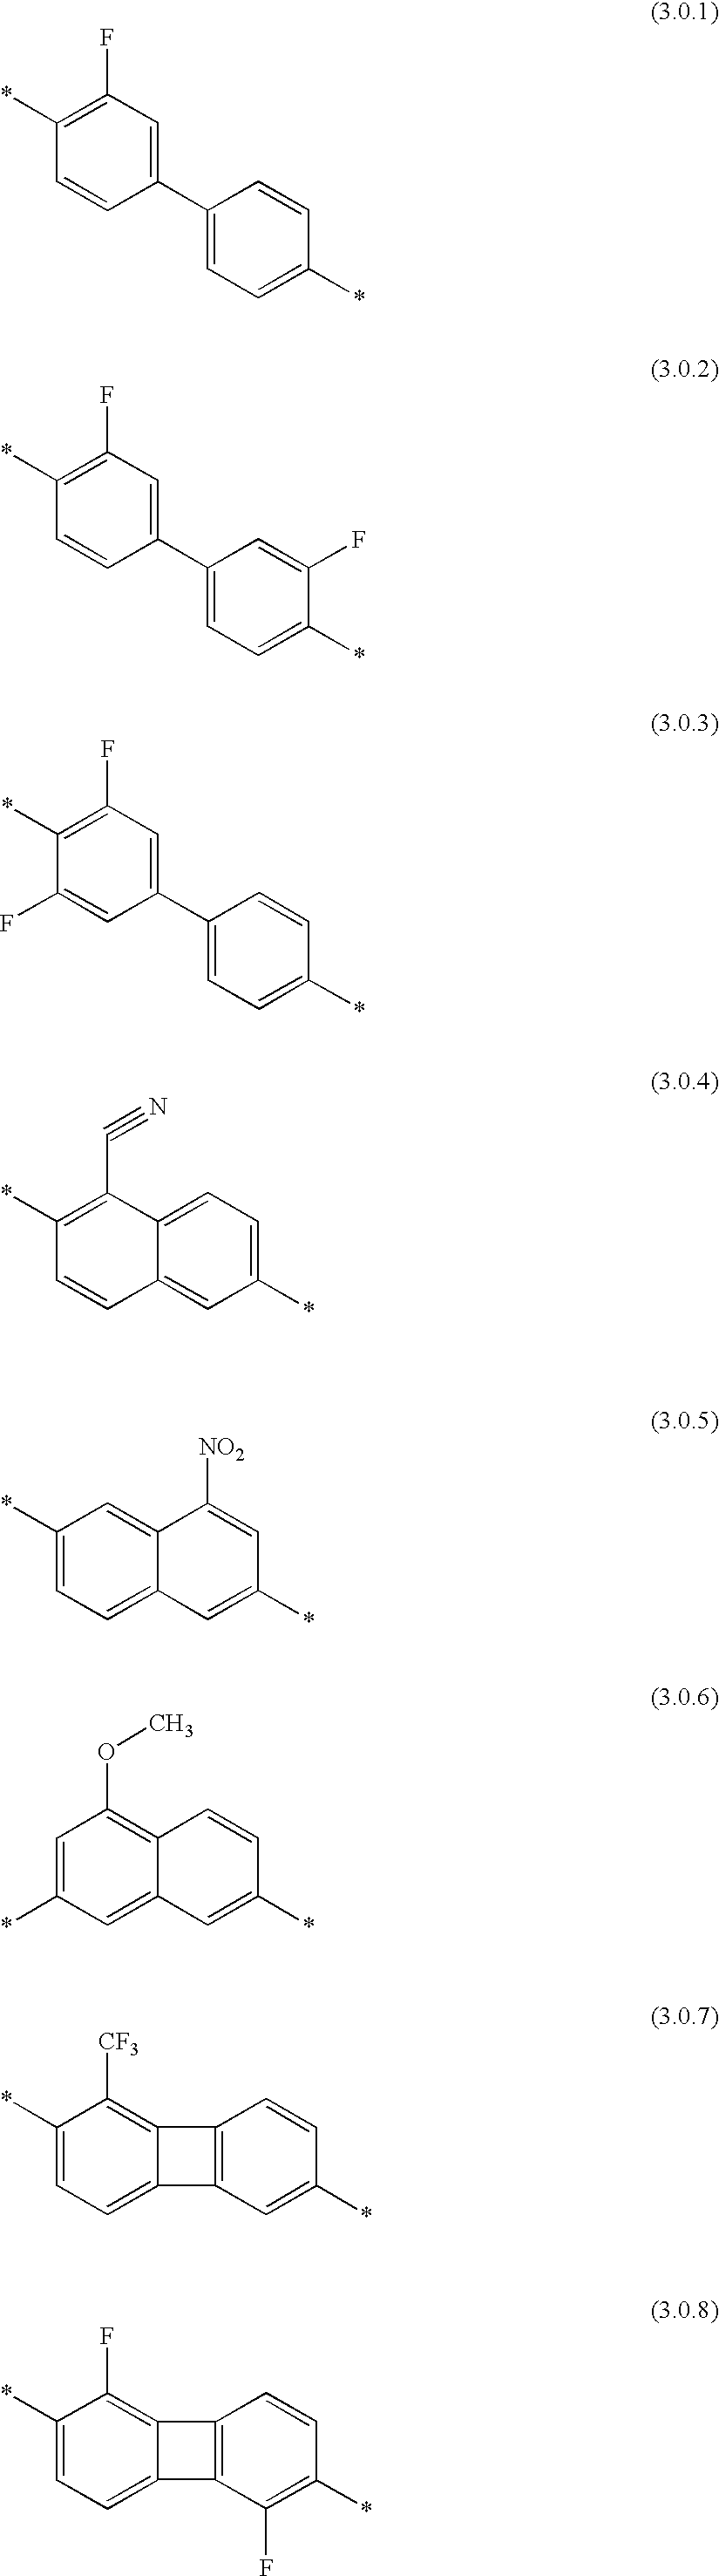 Figure US20030186974A1-20031002-C00124